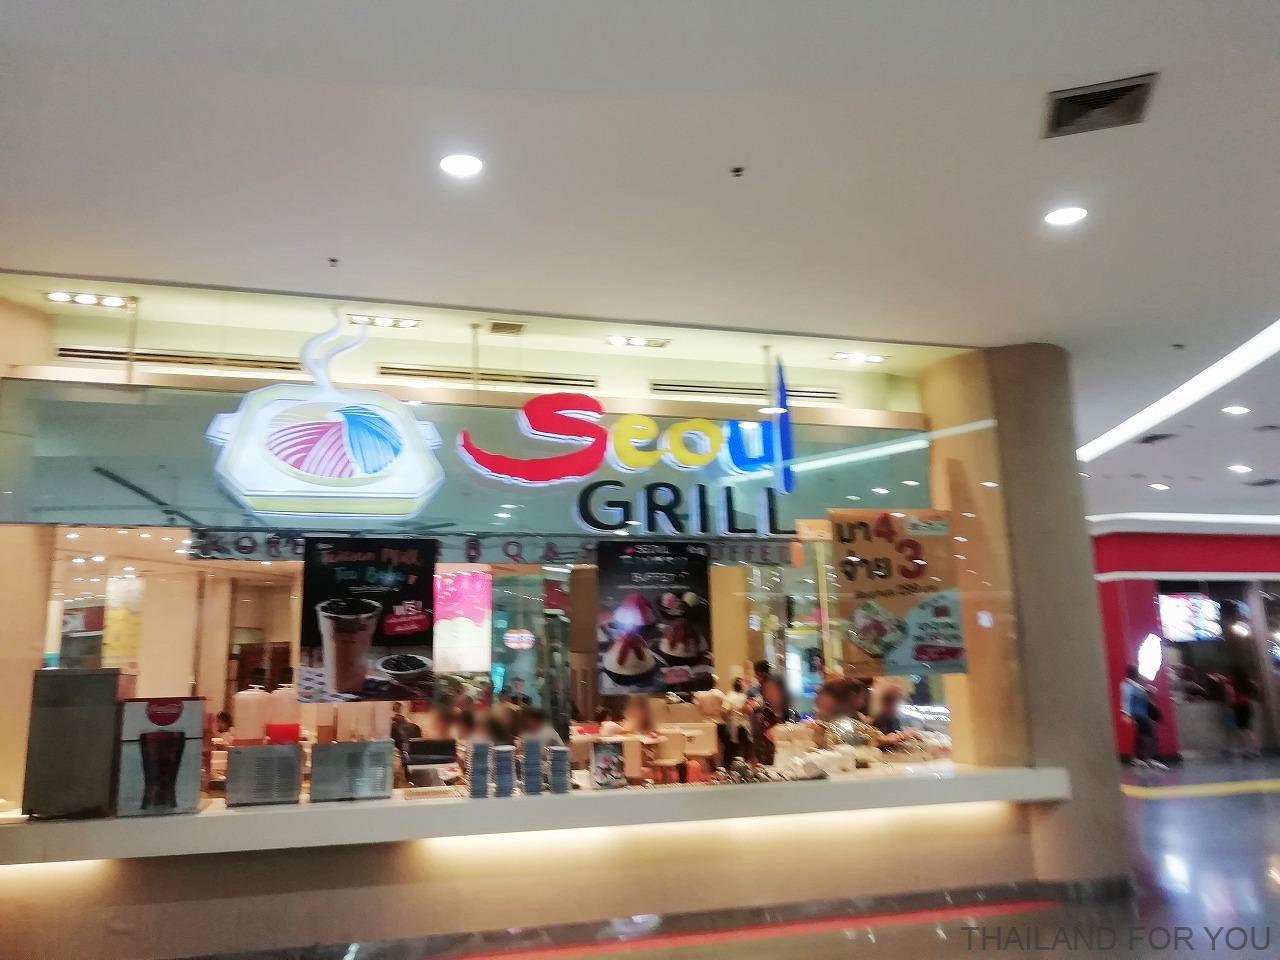 ユニオンモール Seoul Grill バンコク 写真